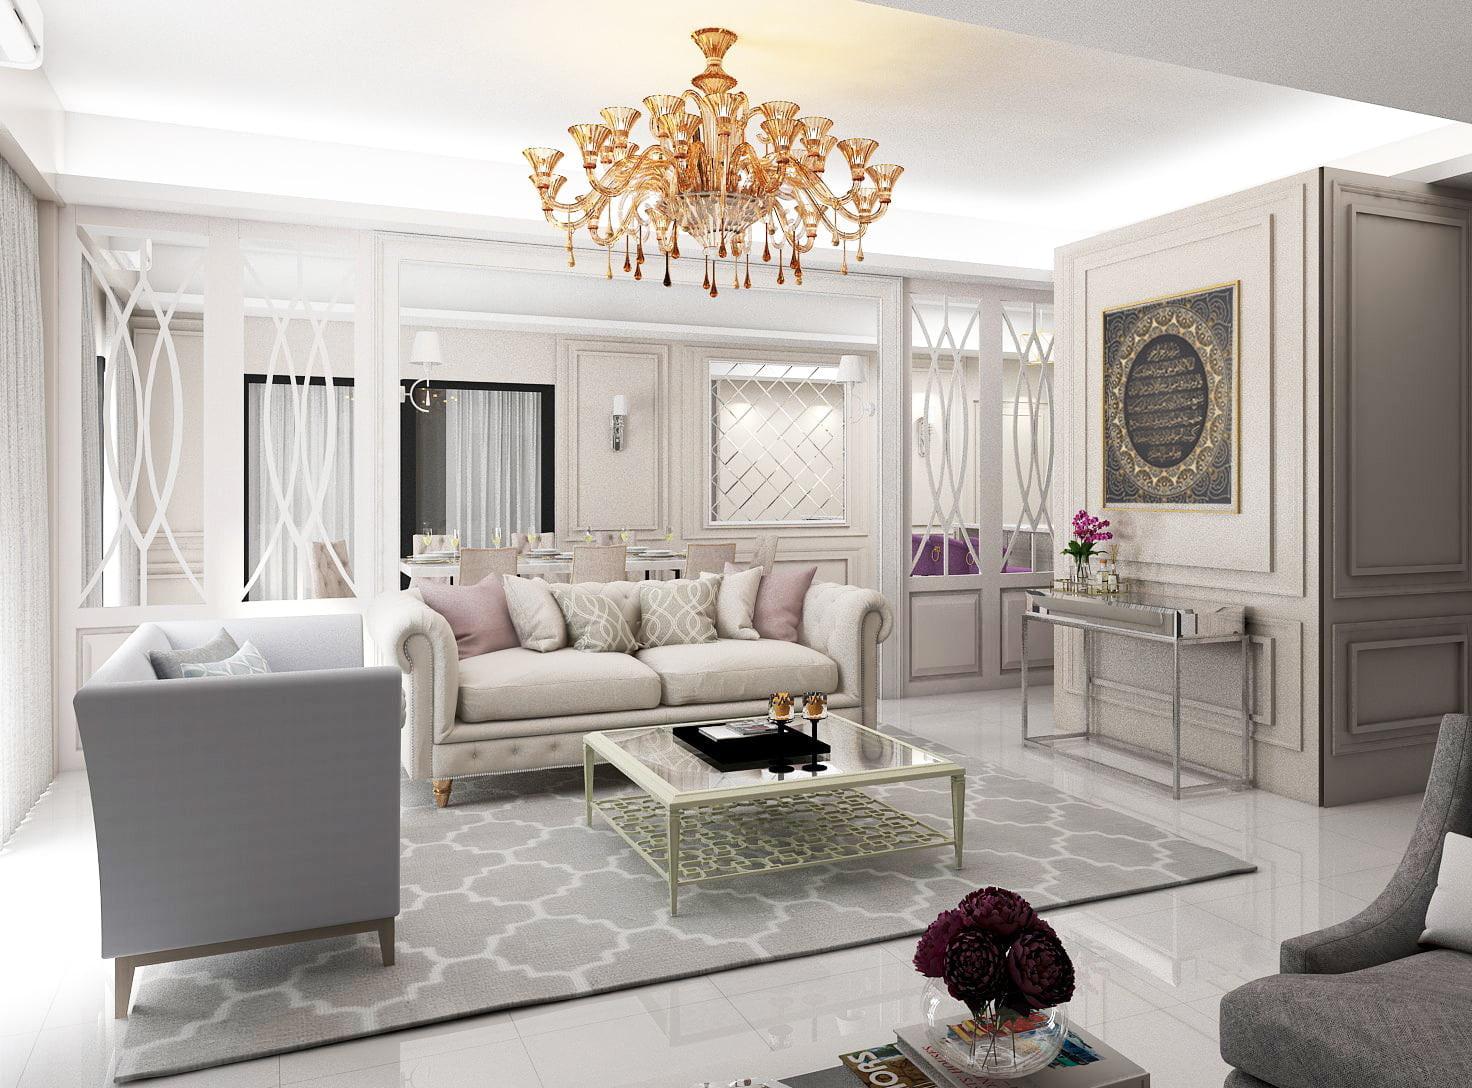 Interior Design Production Quotation Request | Laurea